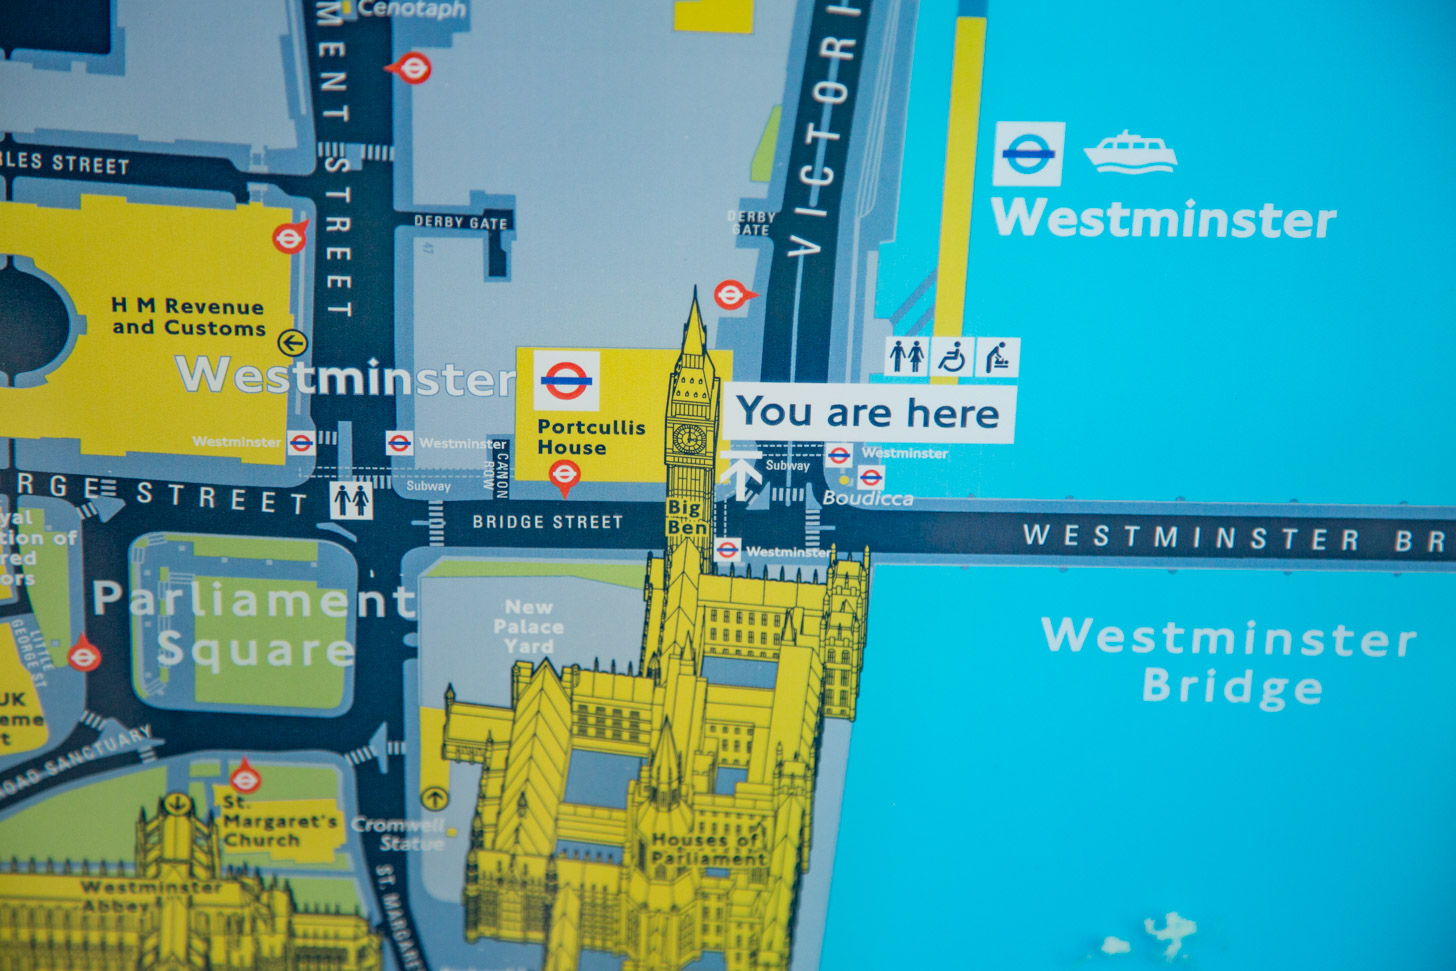 Goede plattegronden maken het de toerist gemakkelijk